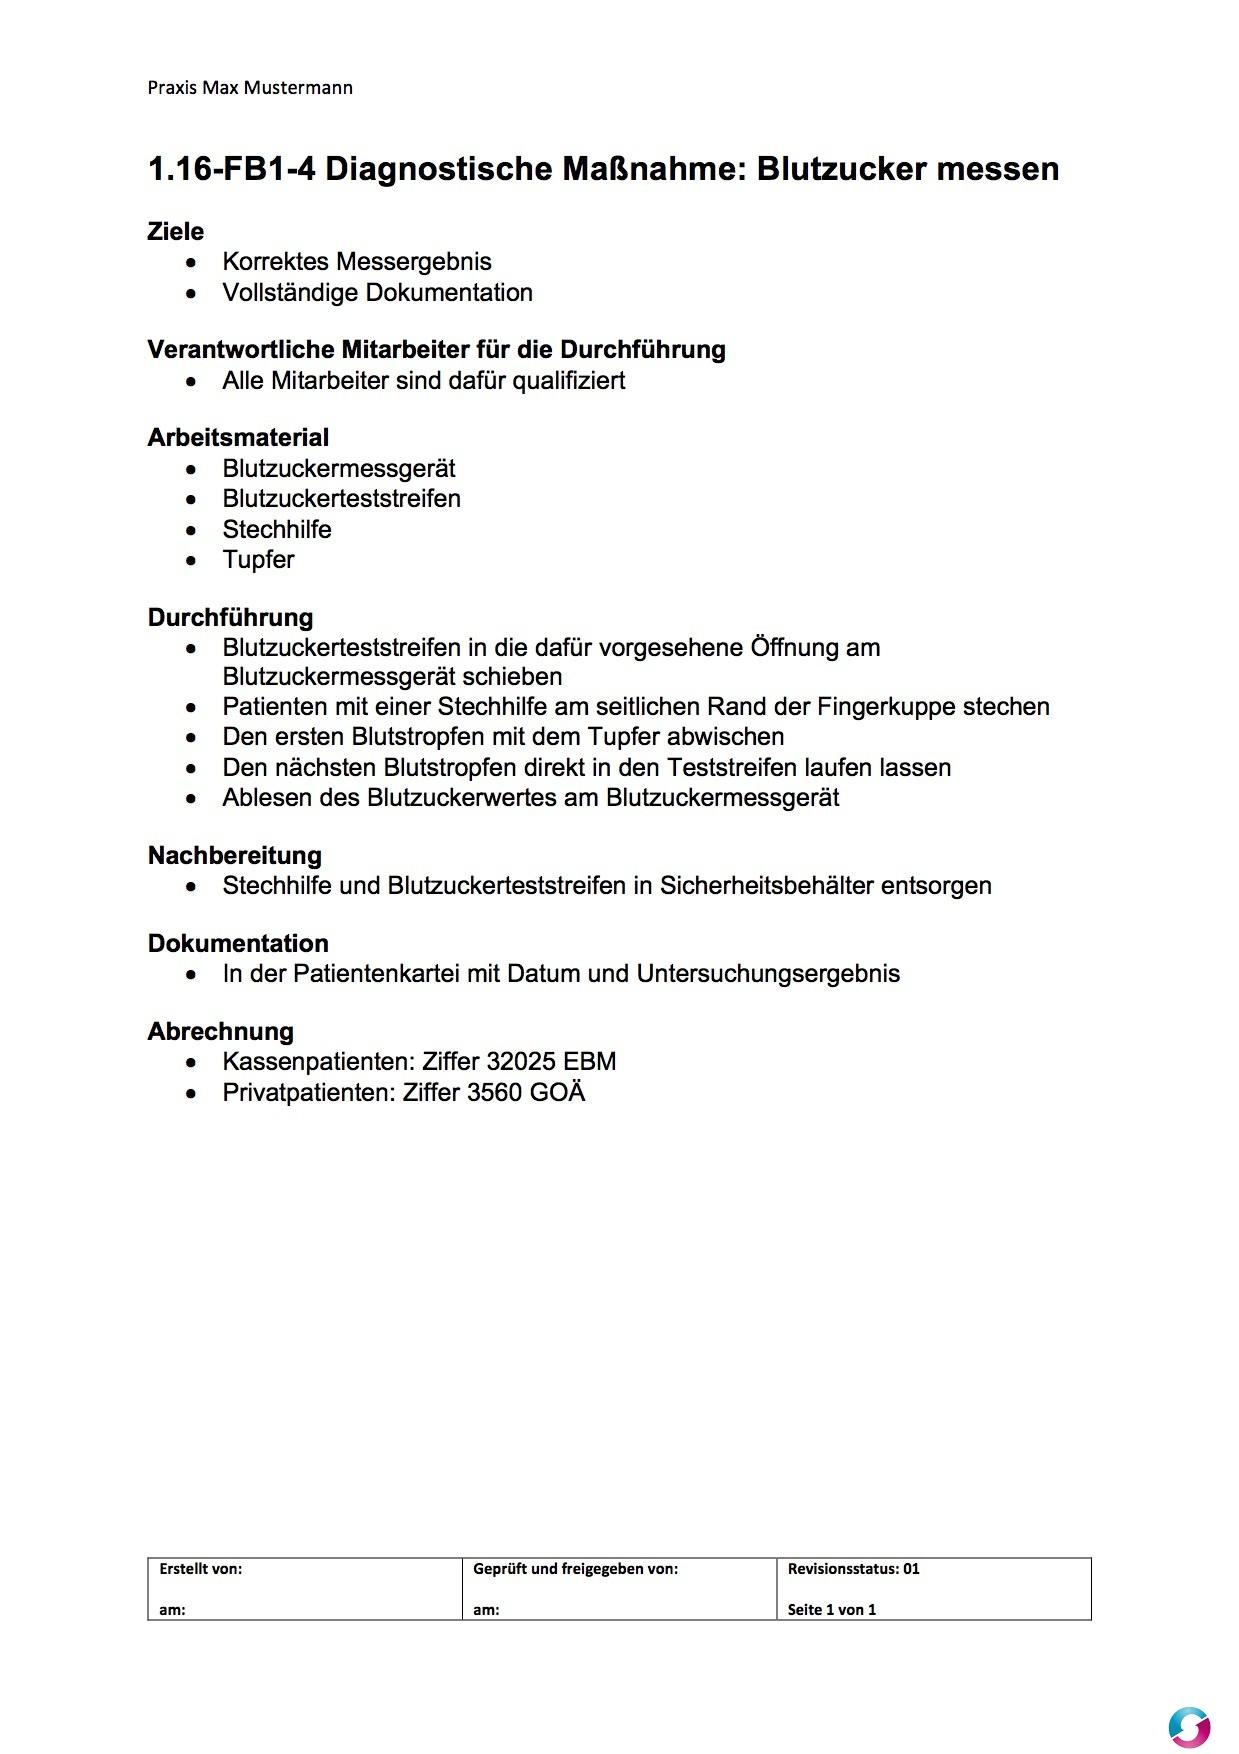 Arbeitsanweisung Blutzuckermessung - Qualitätsmanagement in der ...